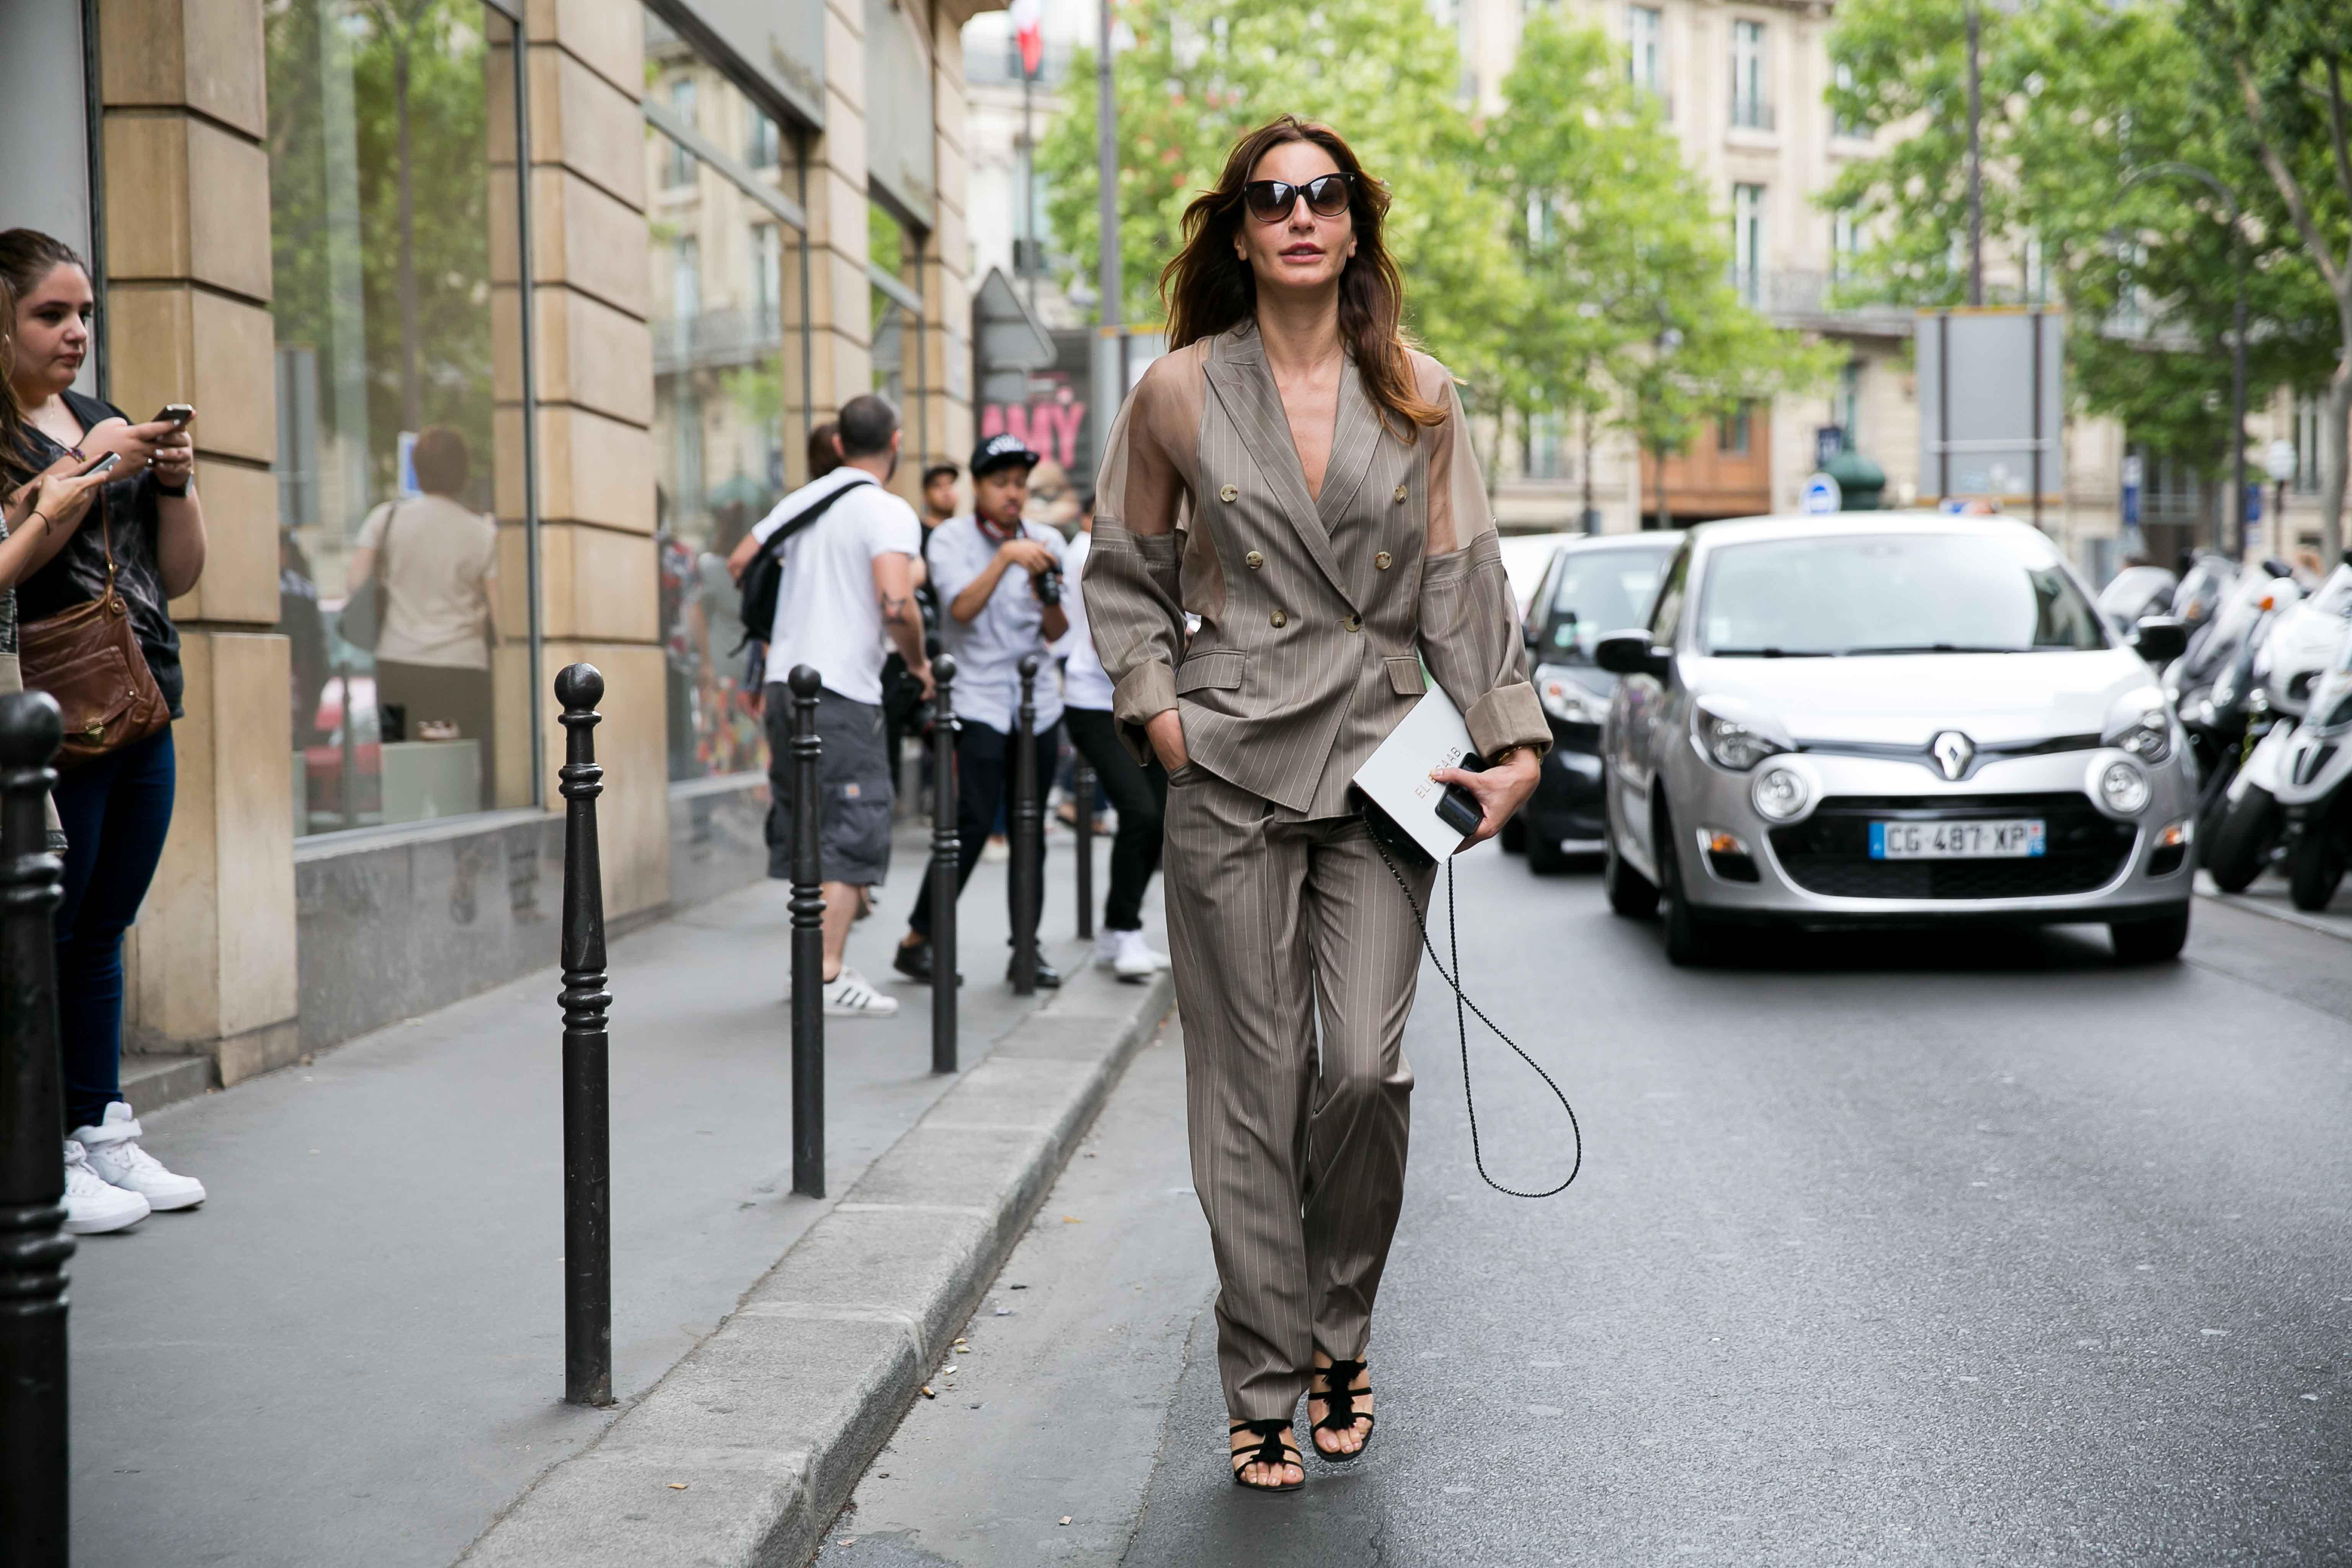 Chica muy bien vestida caminando por la calle